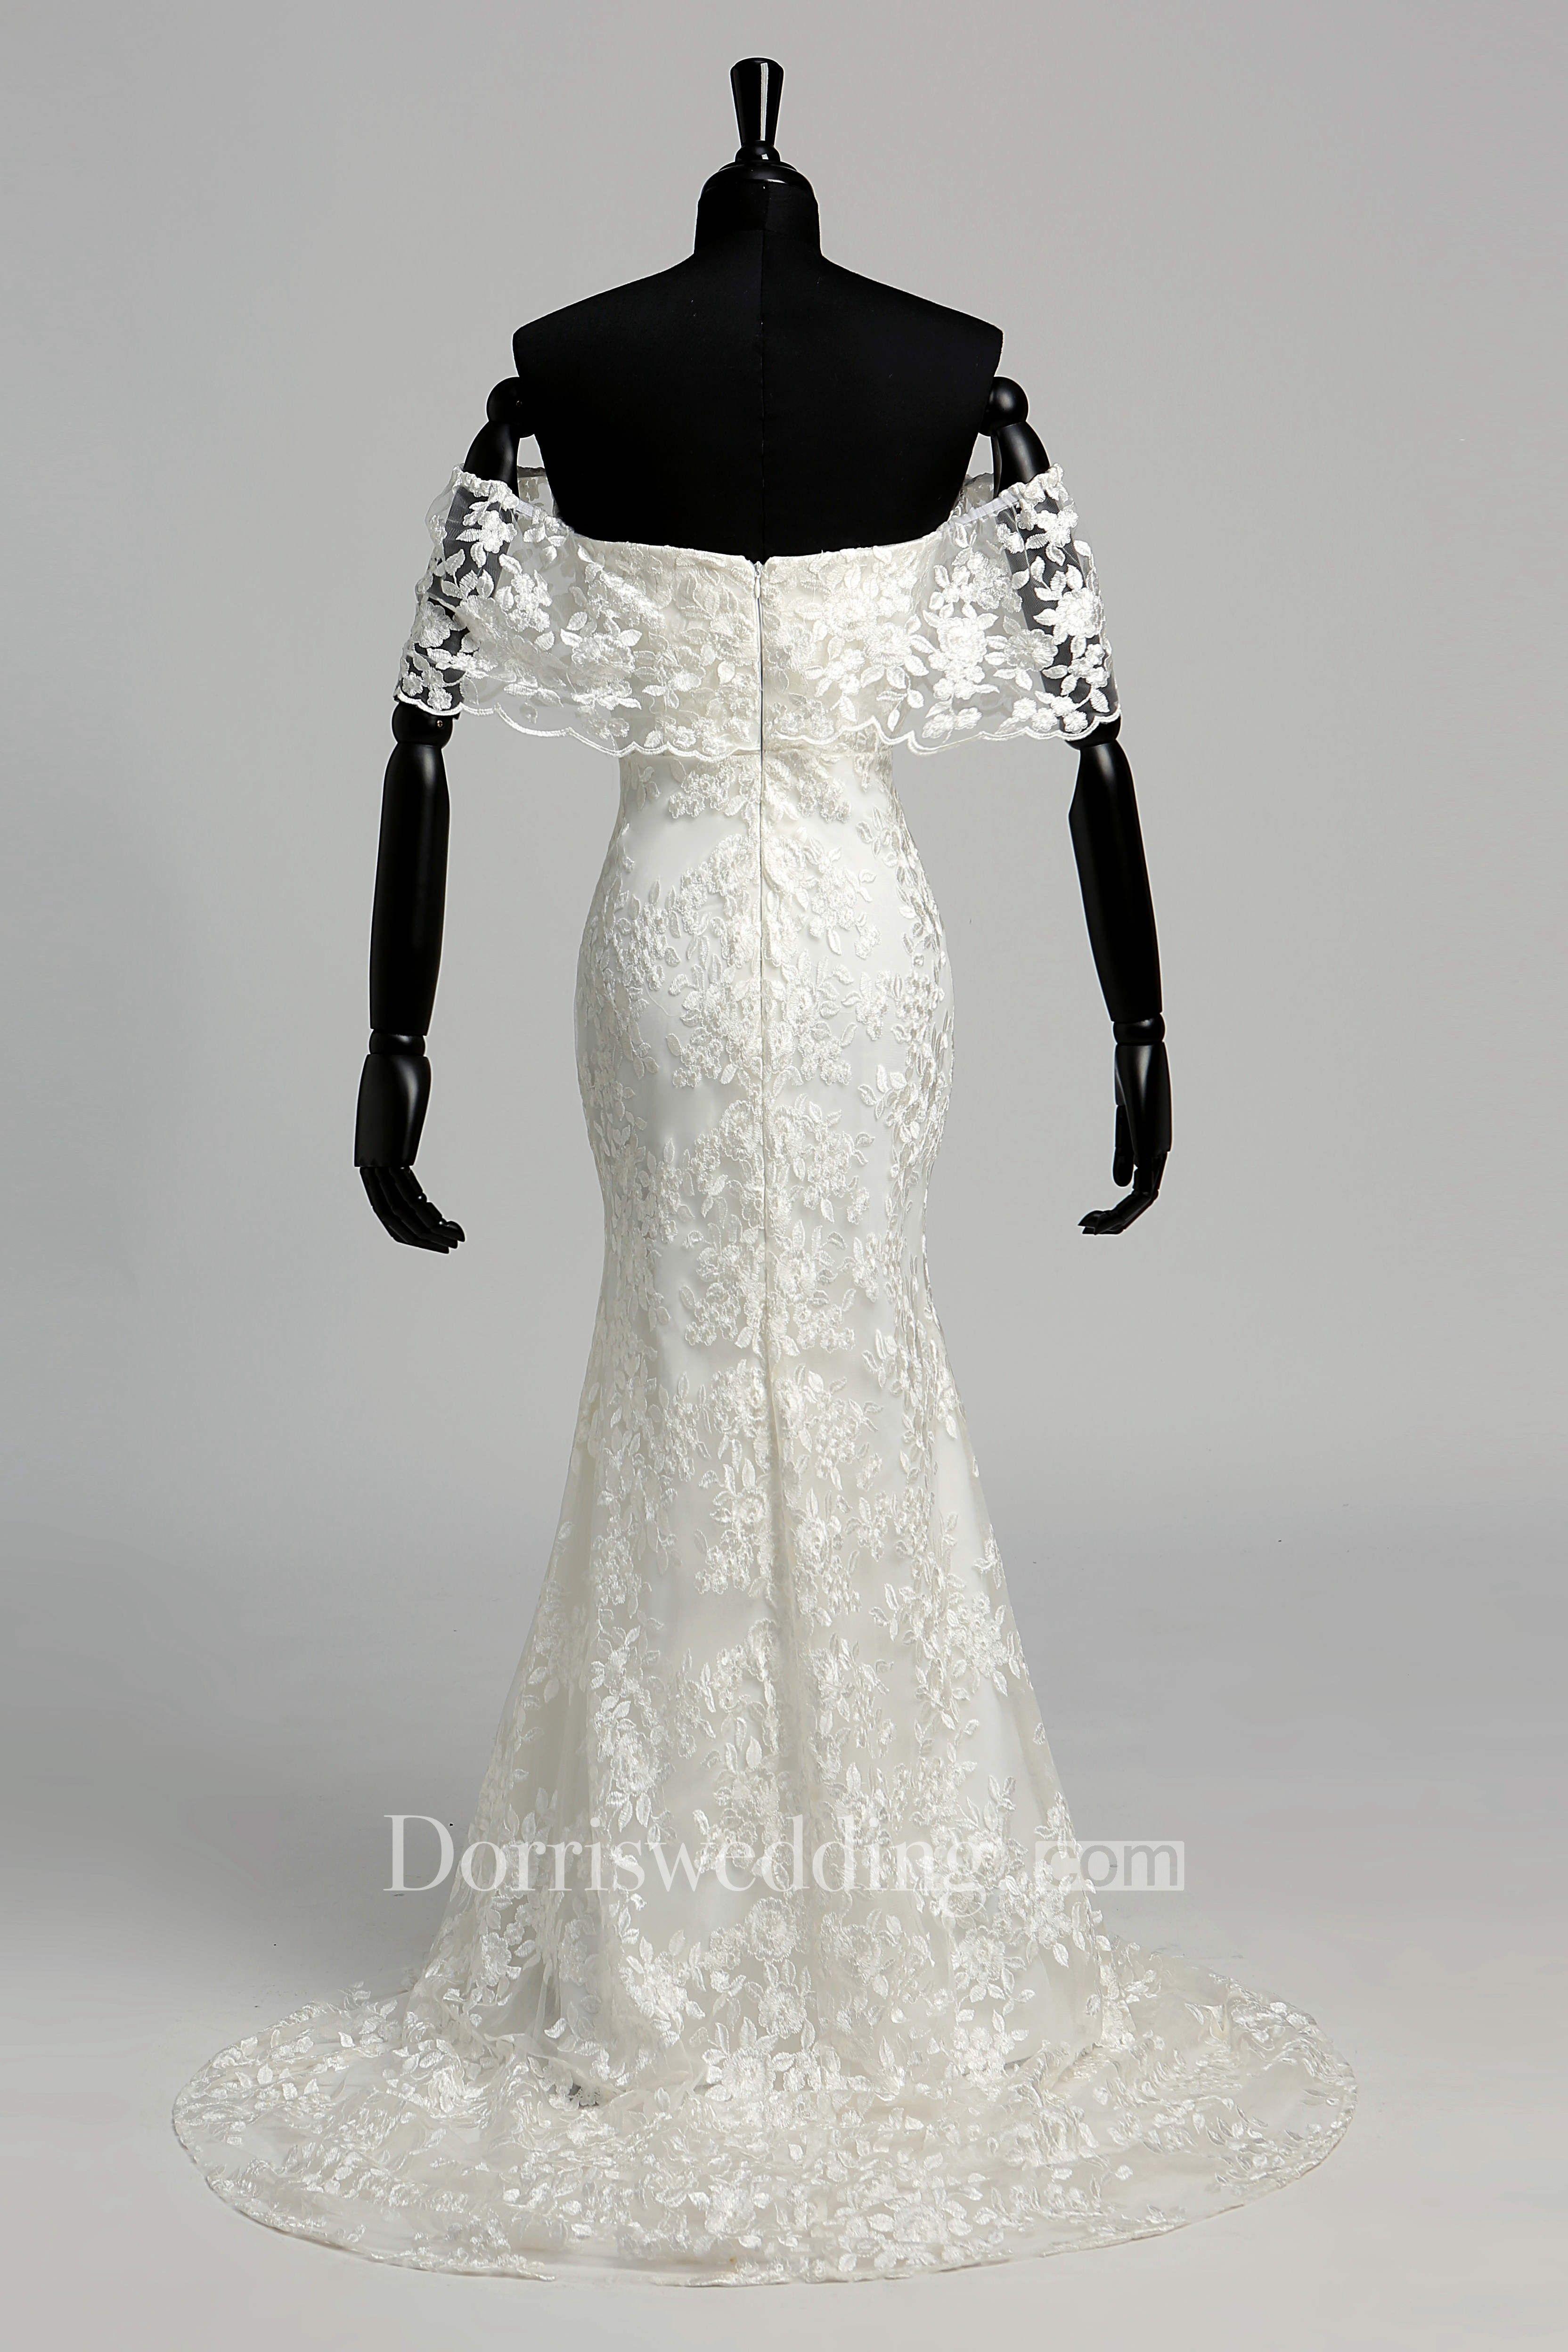 Mermaid Trumpet Vow Renewal Cap Half Sleeve Wedding Dress Dorris